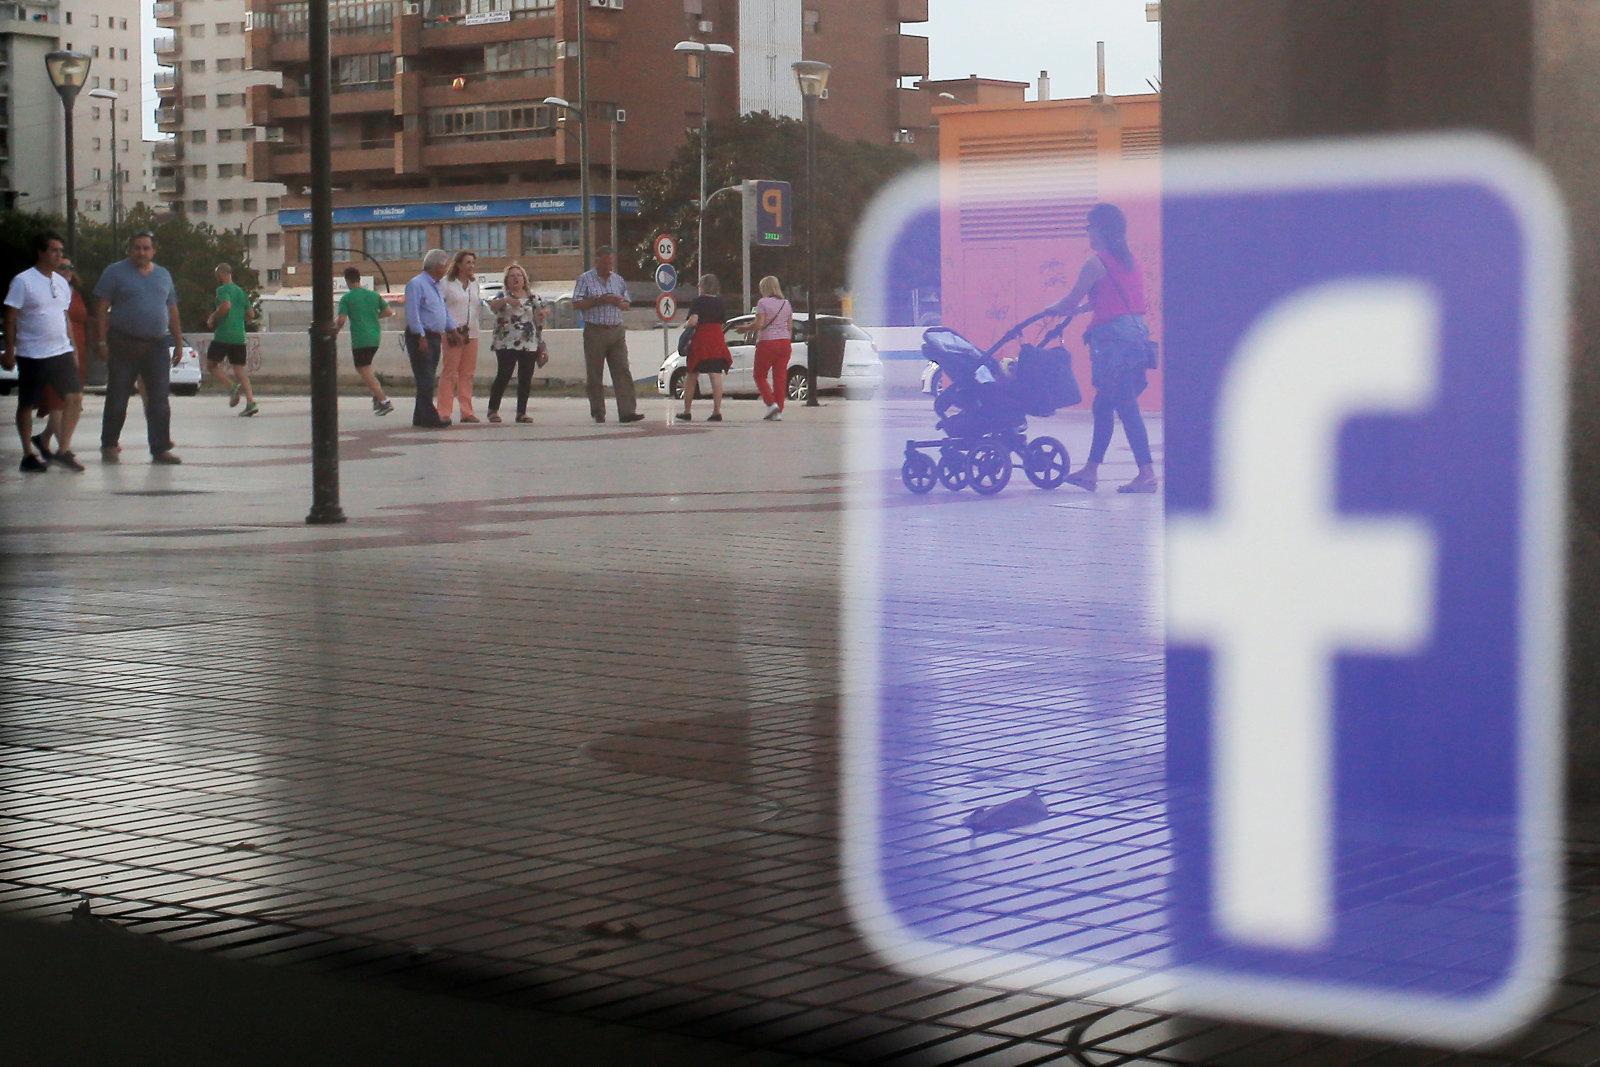 Facebook logo is seen on a shop window in Malaga, Spain, June 4, 2018. REUTERS/Jon Nazca